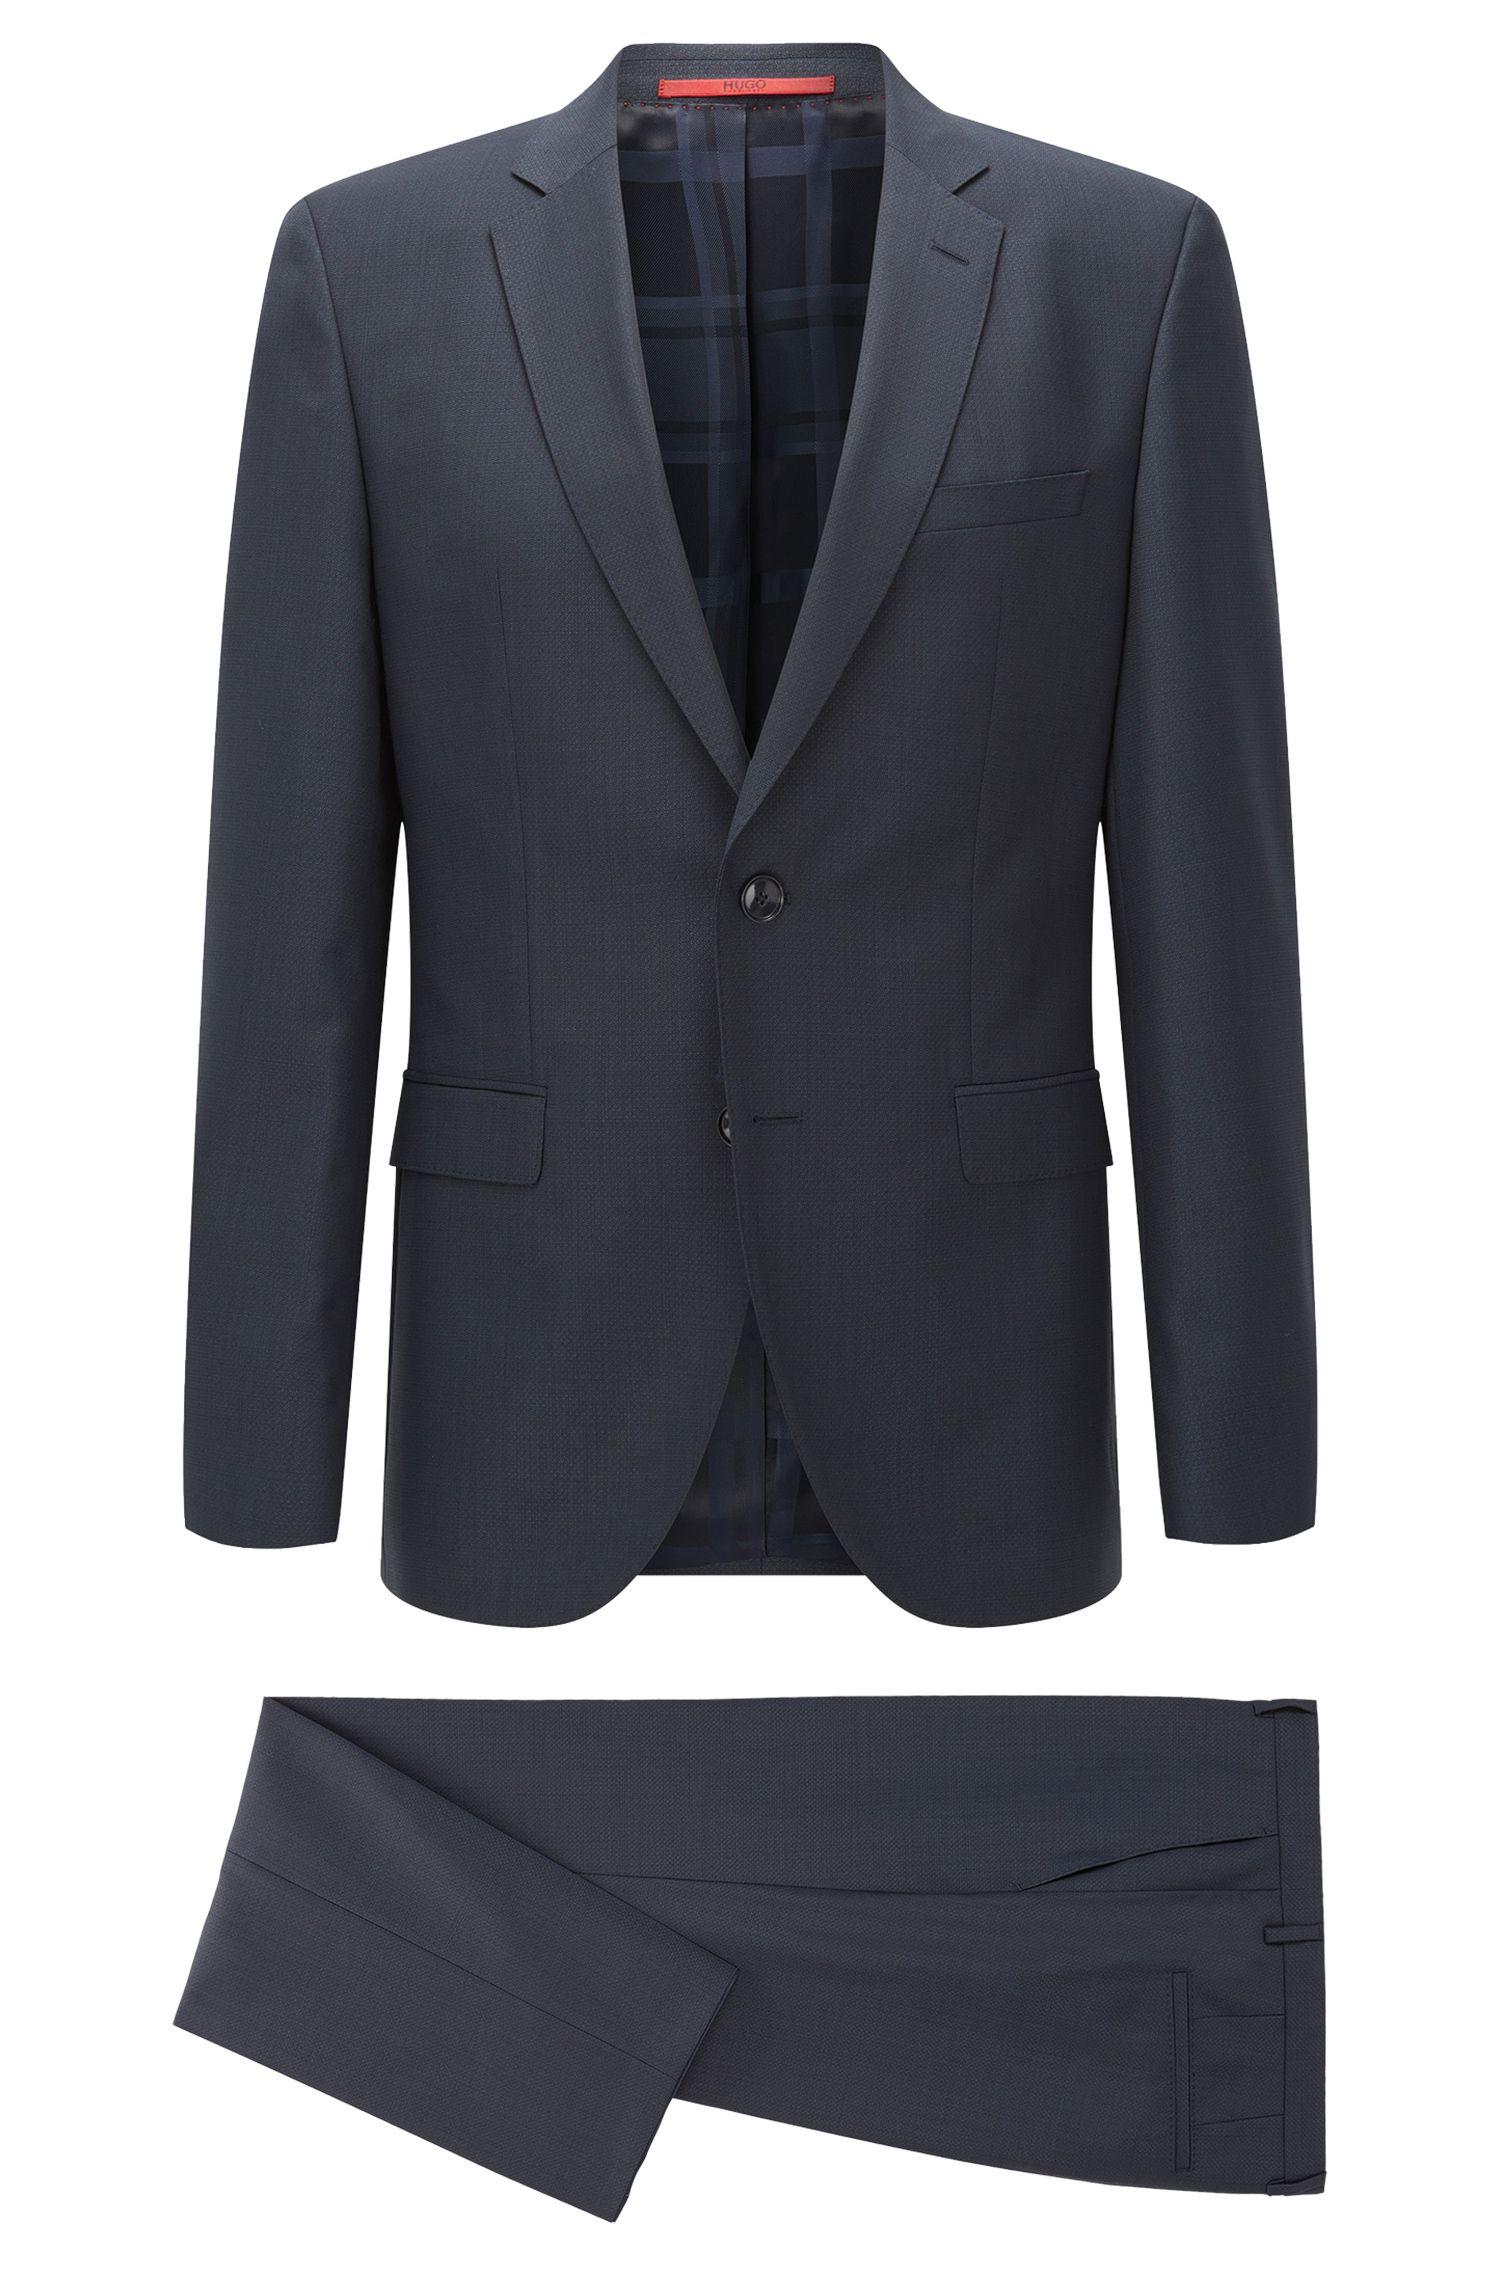 Regular-fit suit in a structured melange wool blend